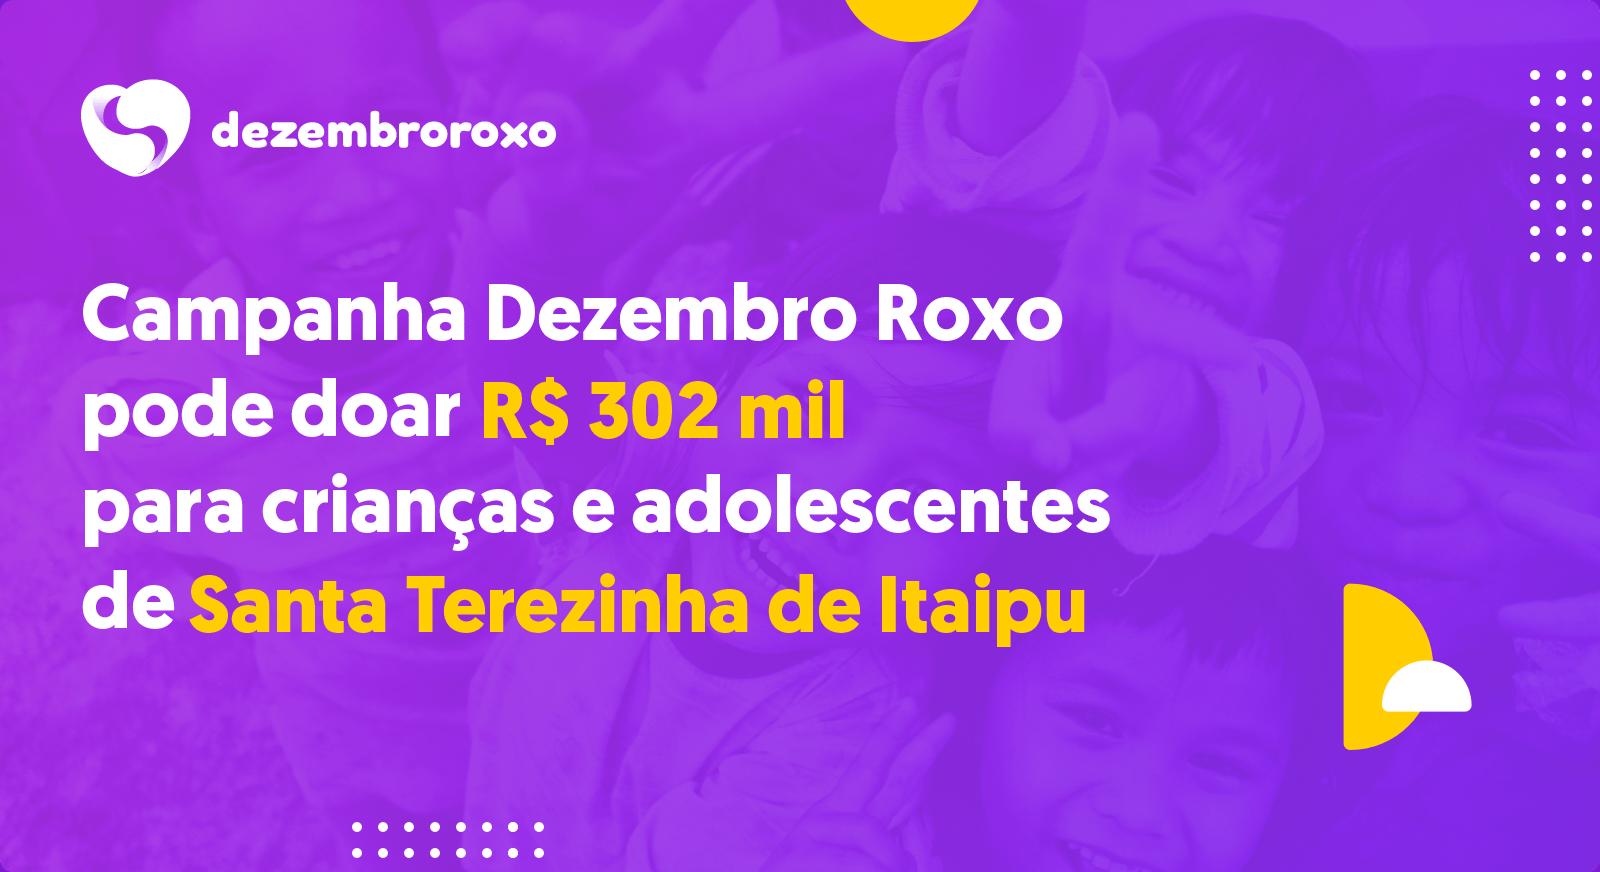 Doações em Santa Terezinha de Itaipu - PR